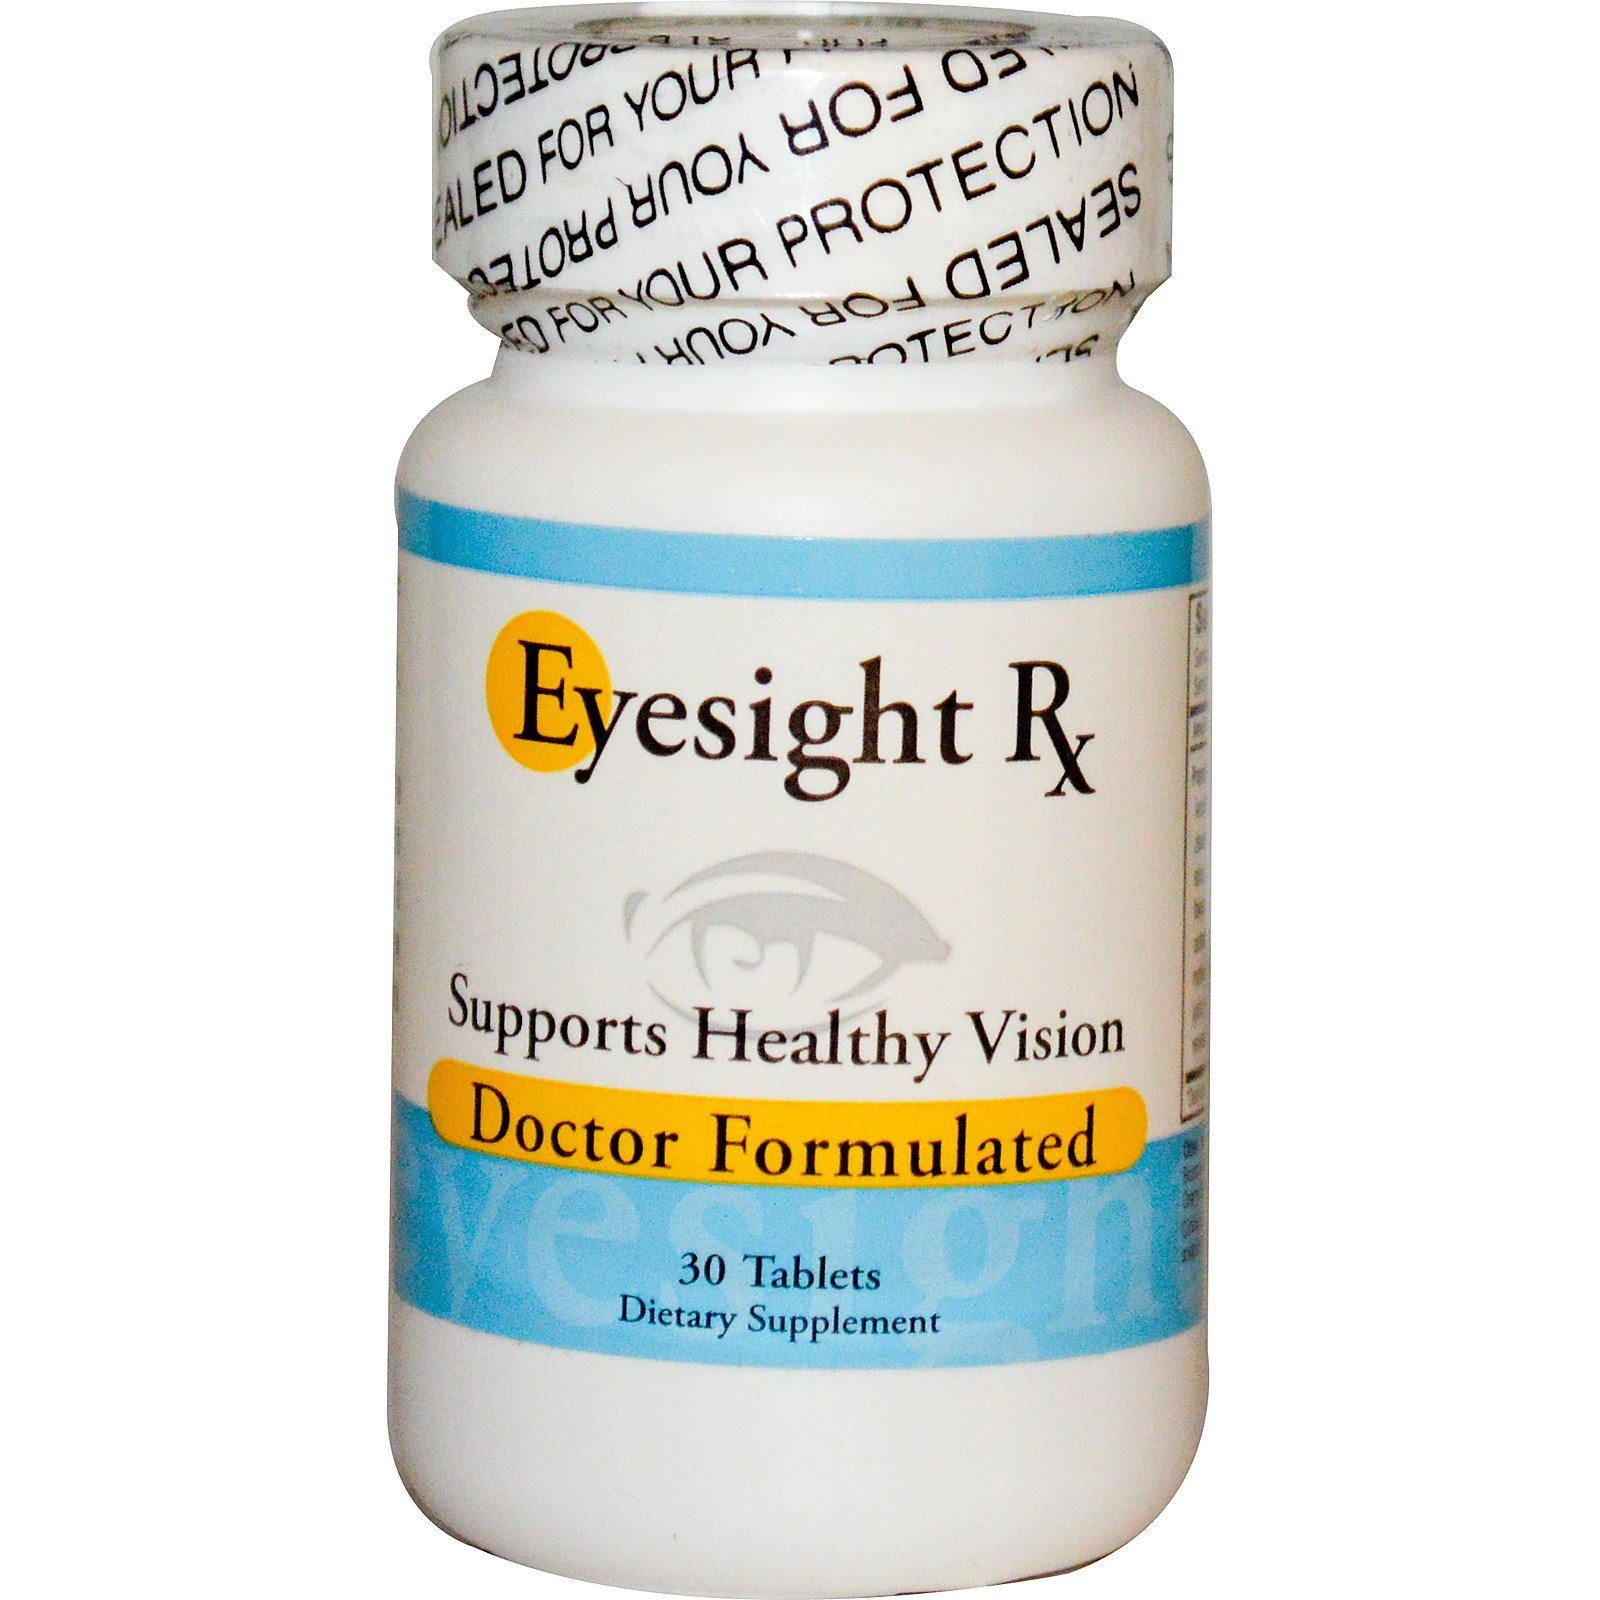 17 витаминных капель для глаз — список лучших по эффективности средств